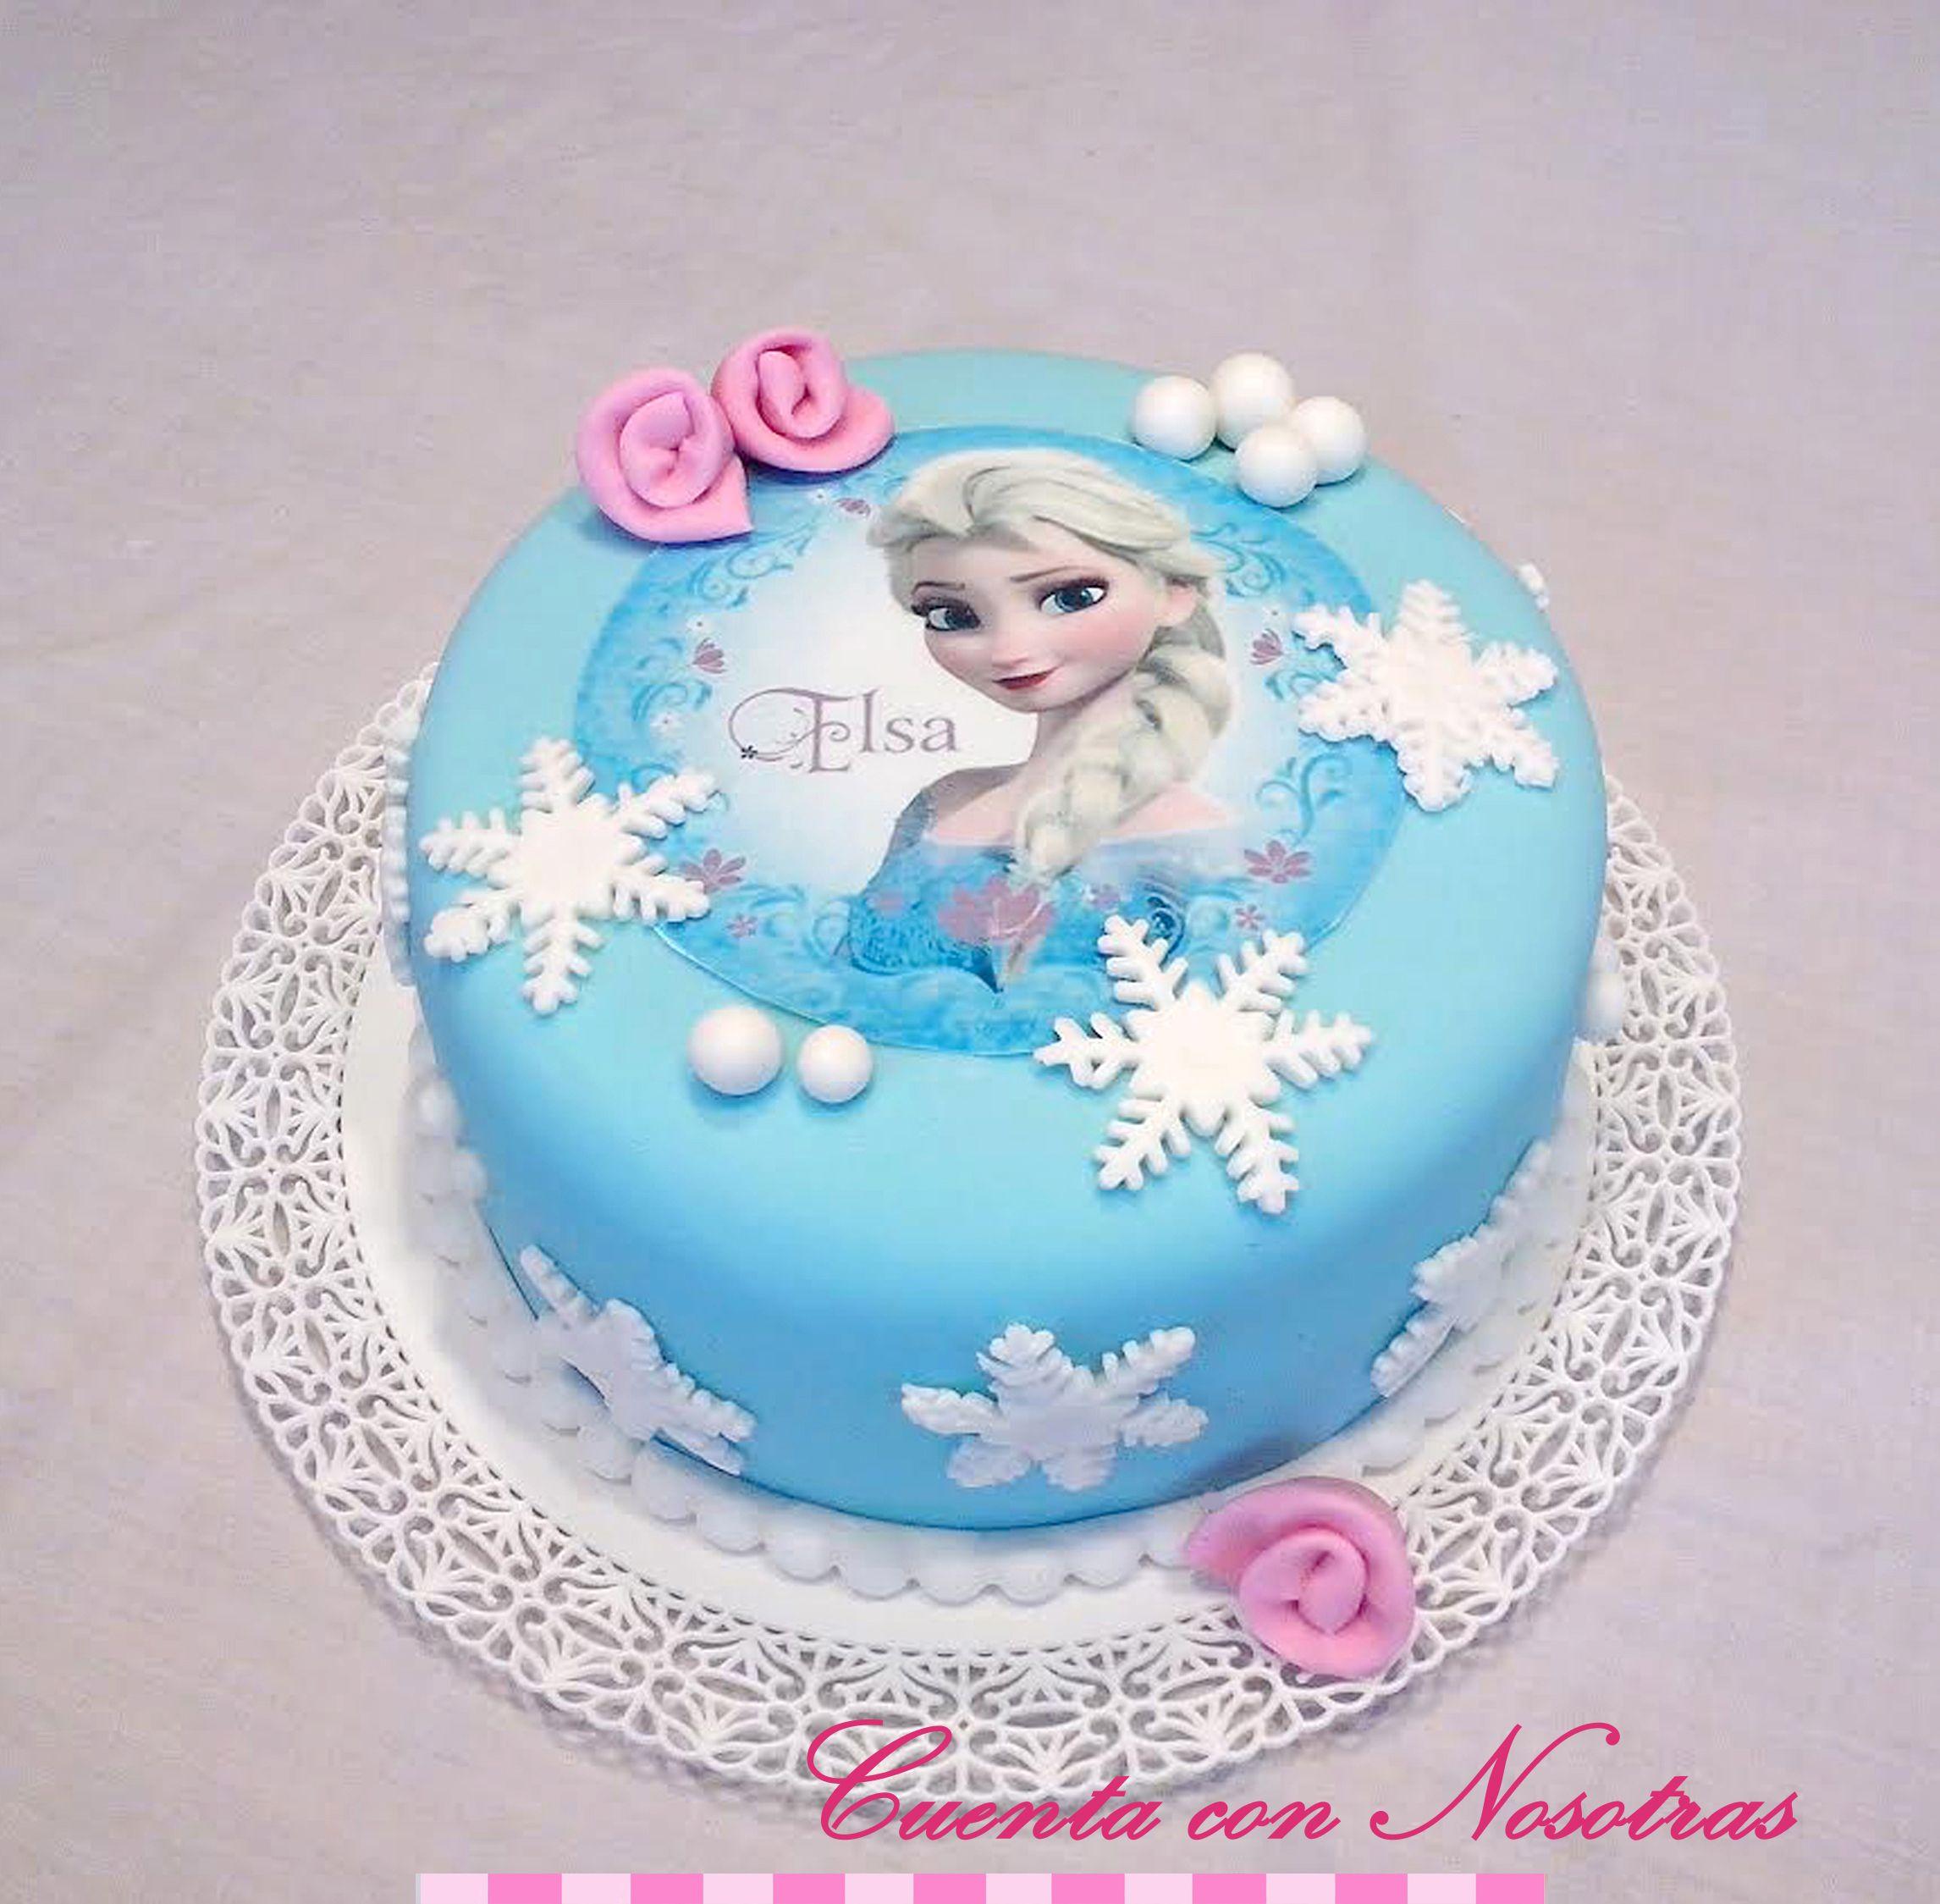 Torta Frozen Torta Elsa Frozen Cake Cuenta con Nosotras NIAS